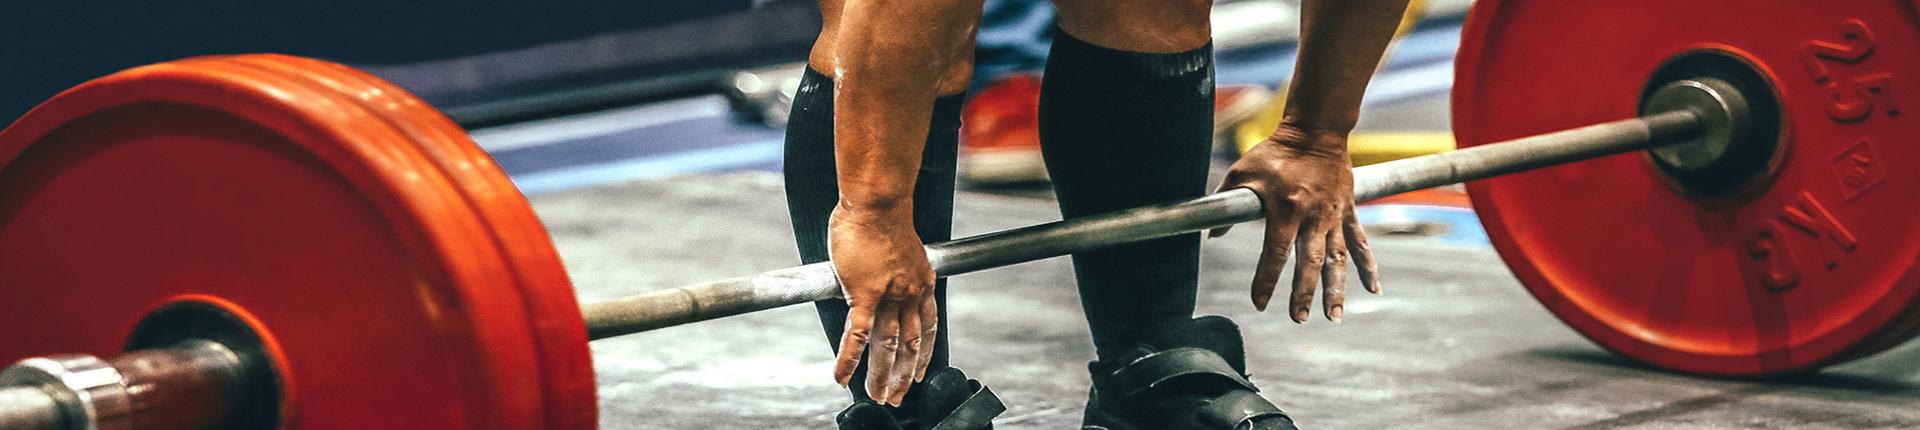 Martwy ciąg - niezastąpione ćwiczenie na plecy?